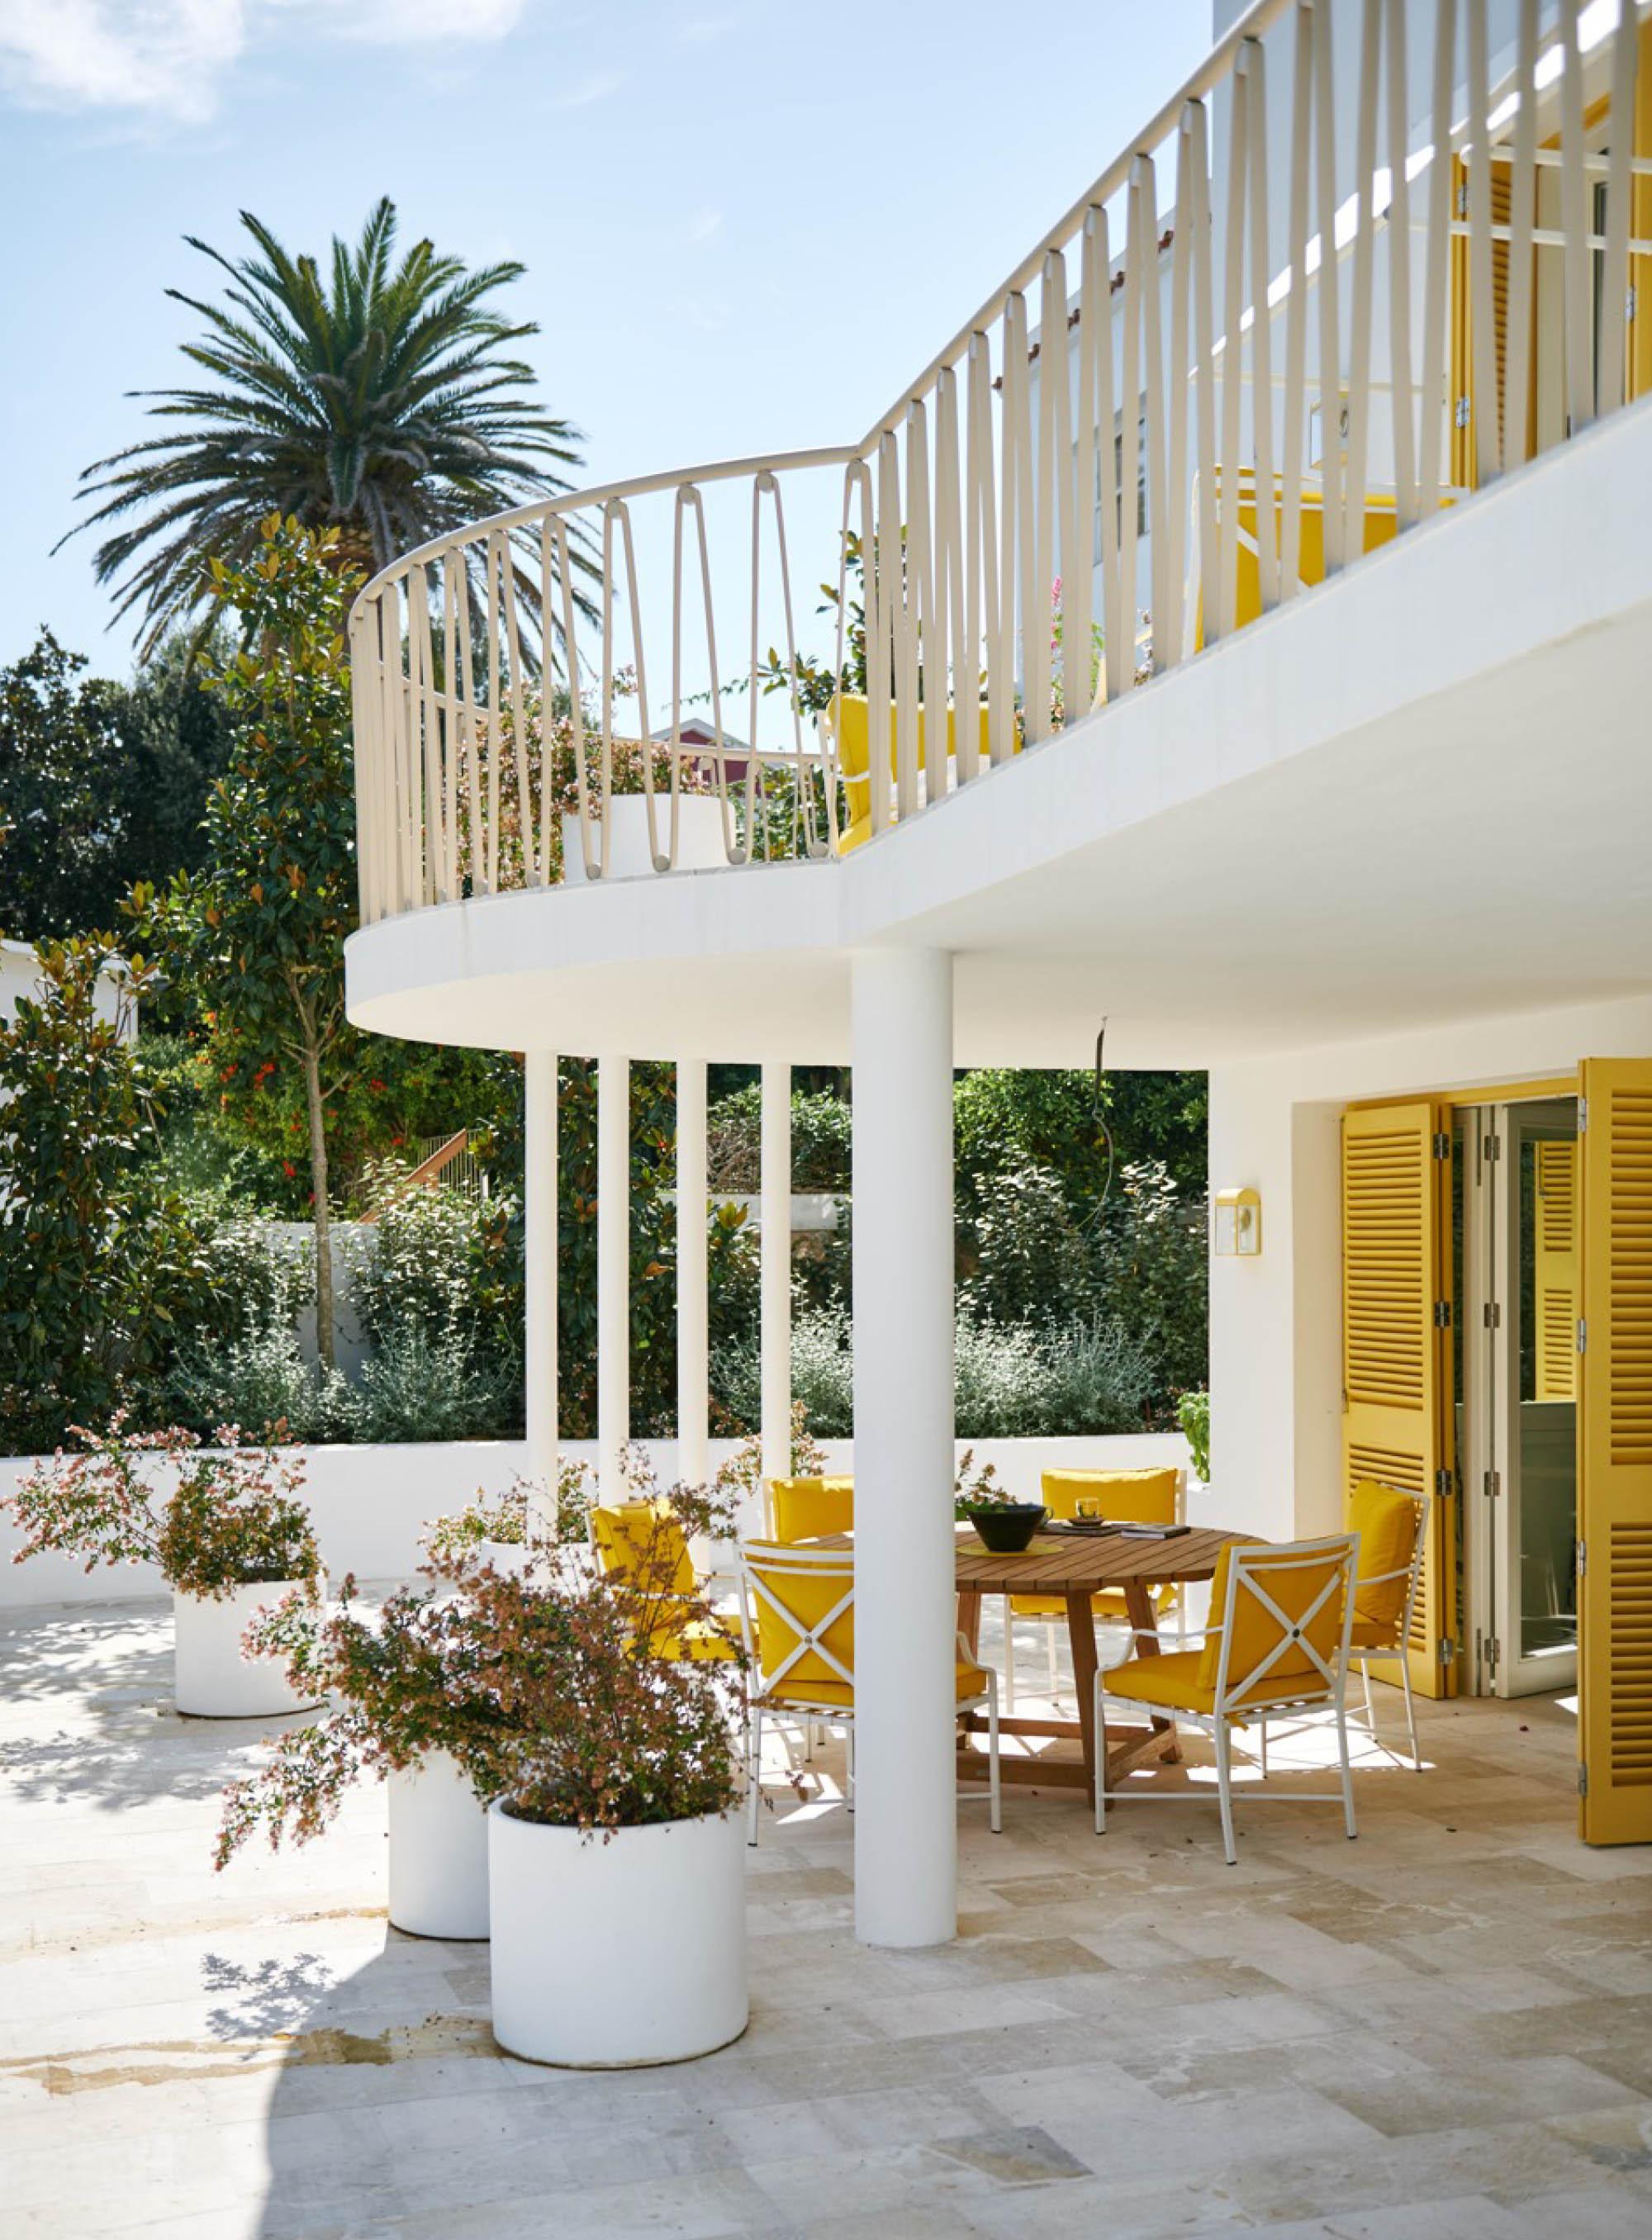 luis_laplace-Casa_Hauser_Menorca-2